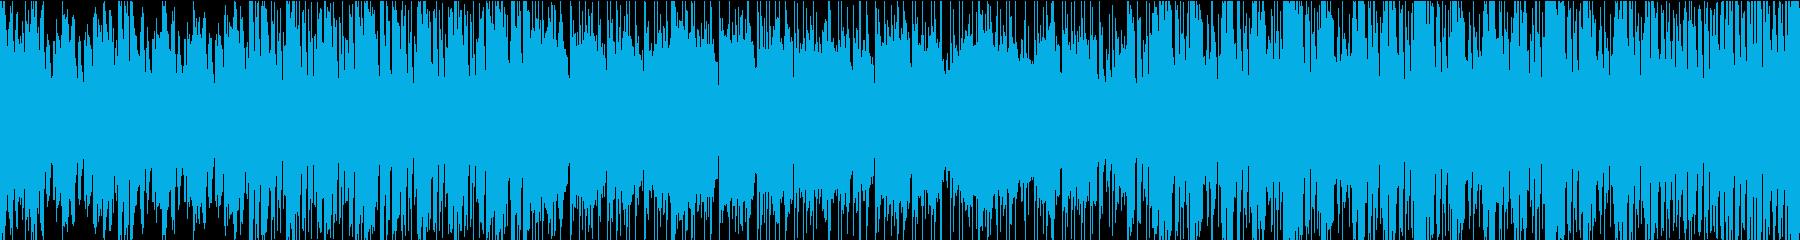 緊迫感のあるバトルシーンのBGMの再生済みの波形